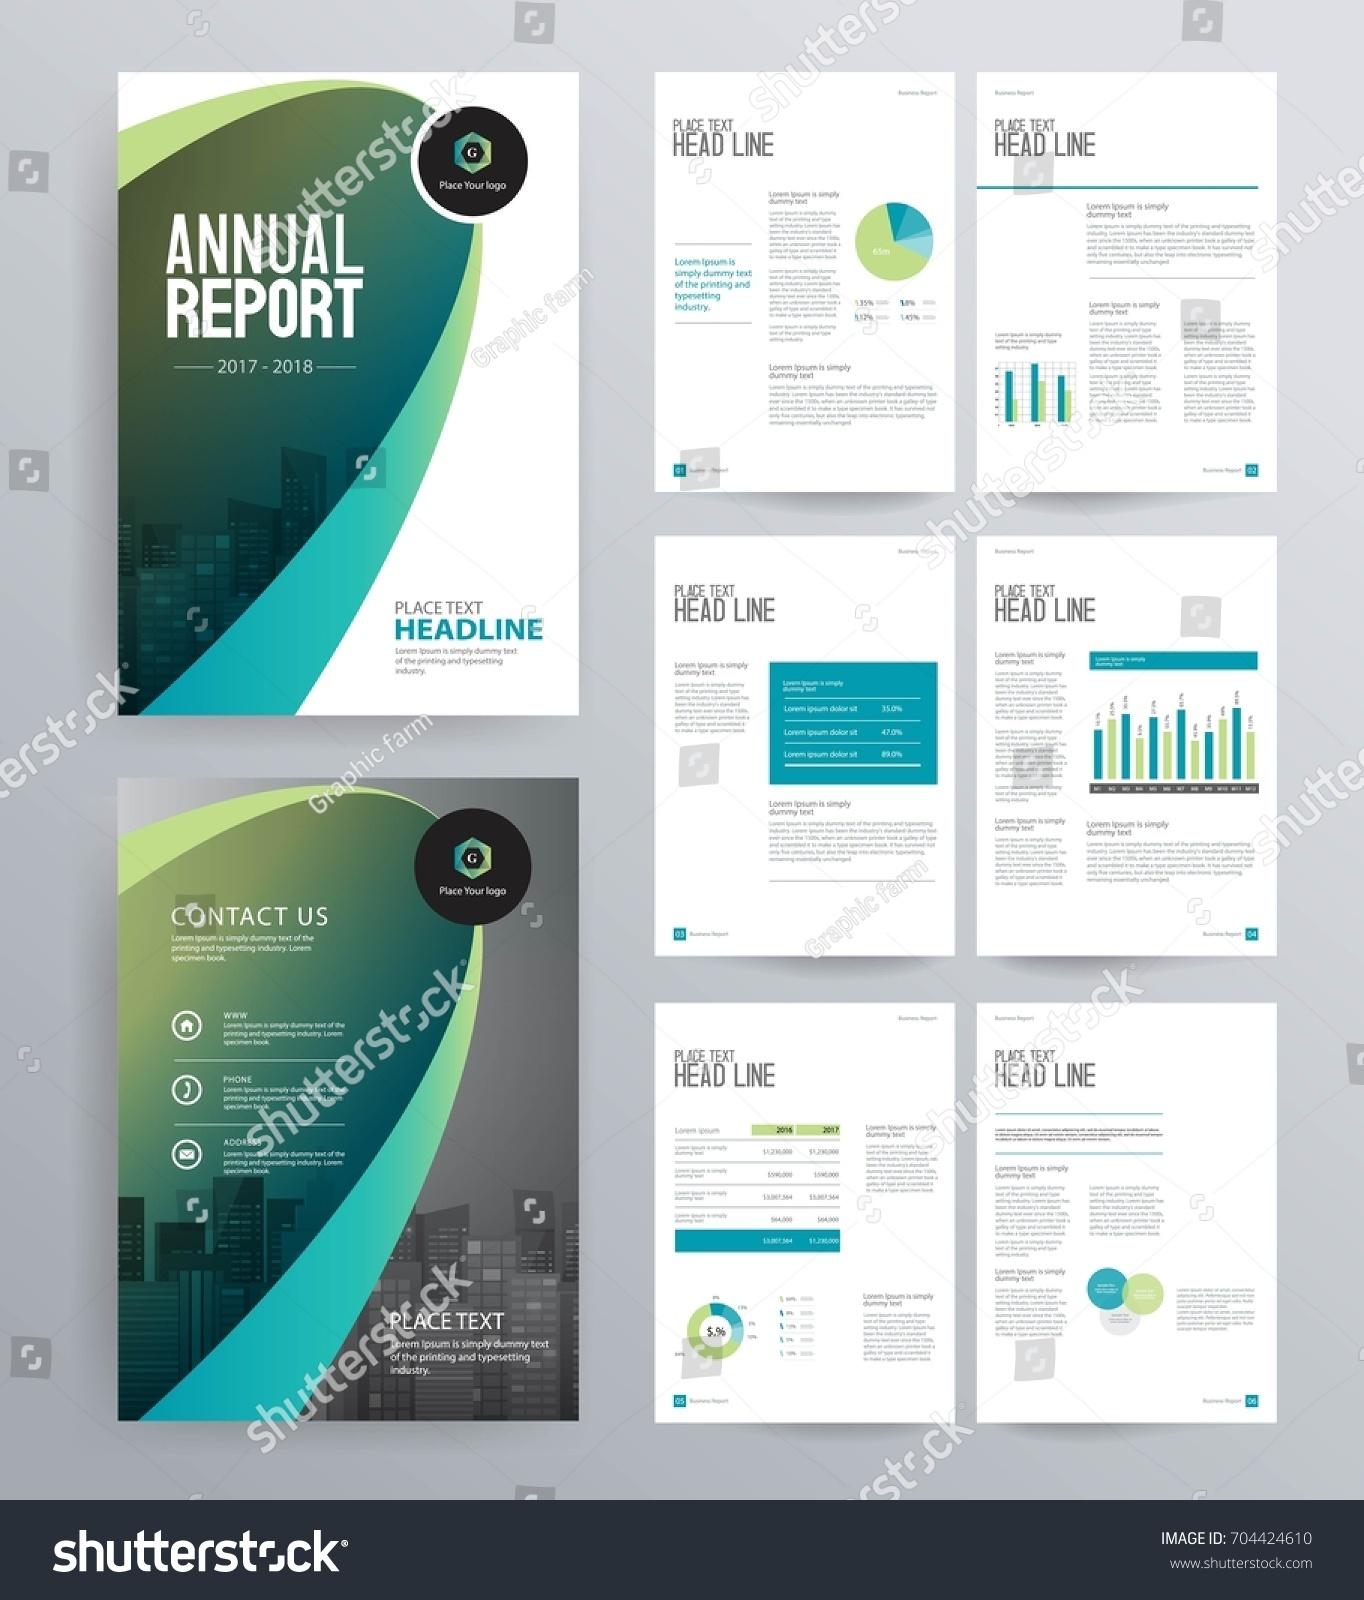 template design company profile annual report のベクター画像素材